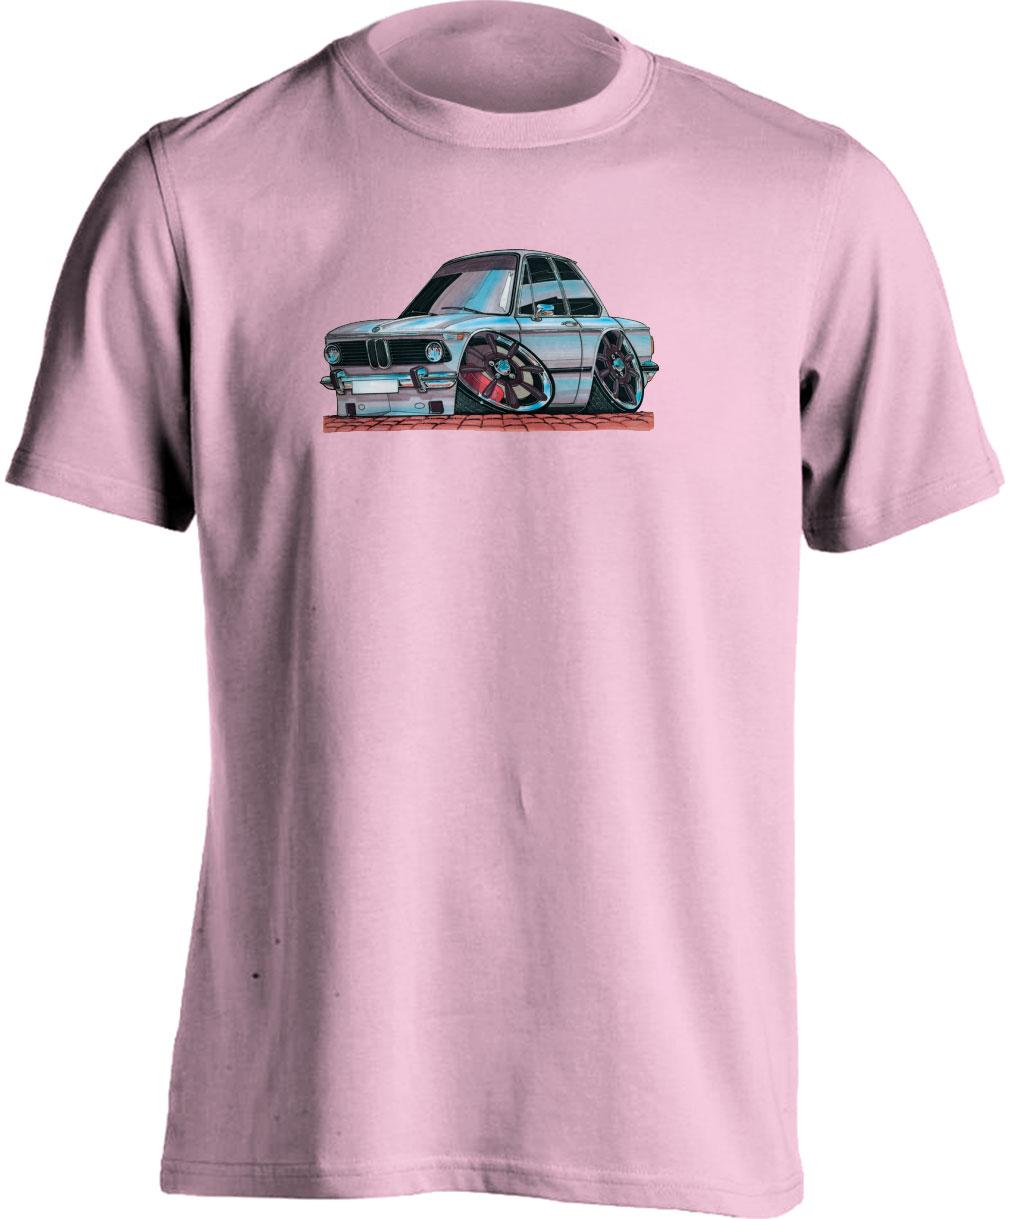 koolart BMW 2002 COUPE White -0078- Adults Unisex Motor Vehicle T Shirt